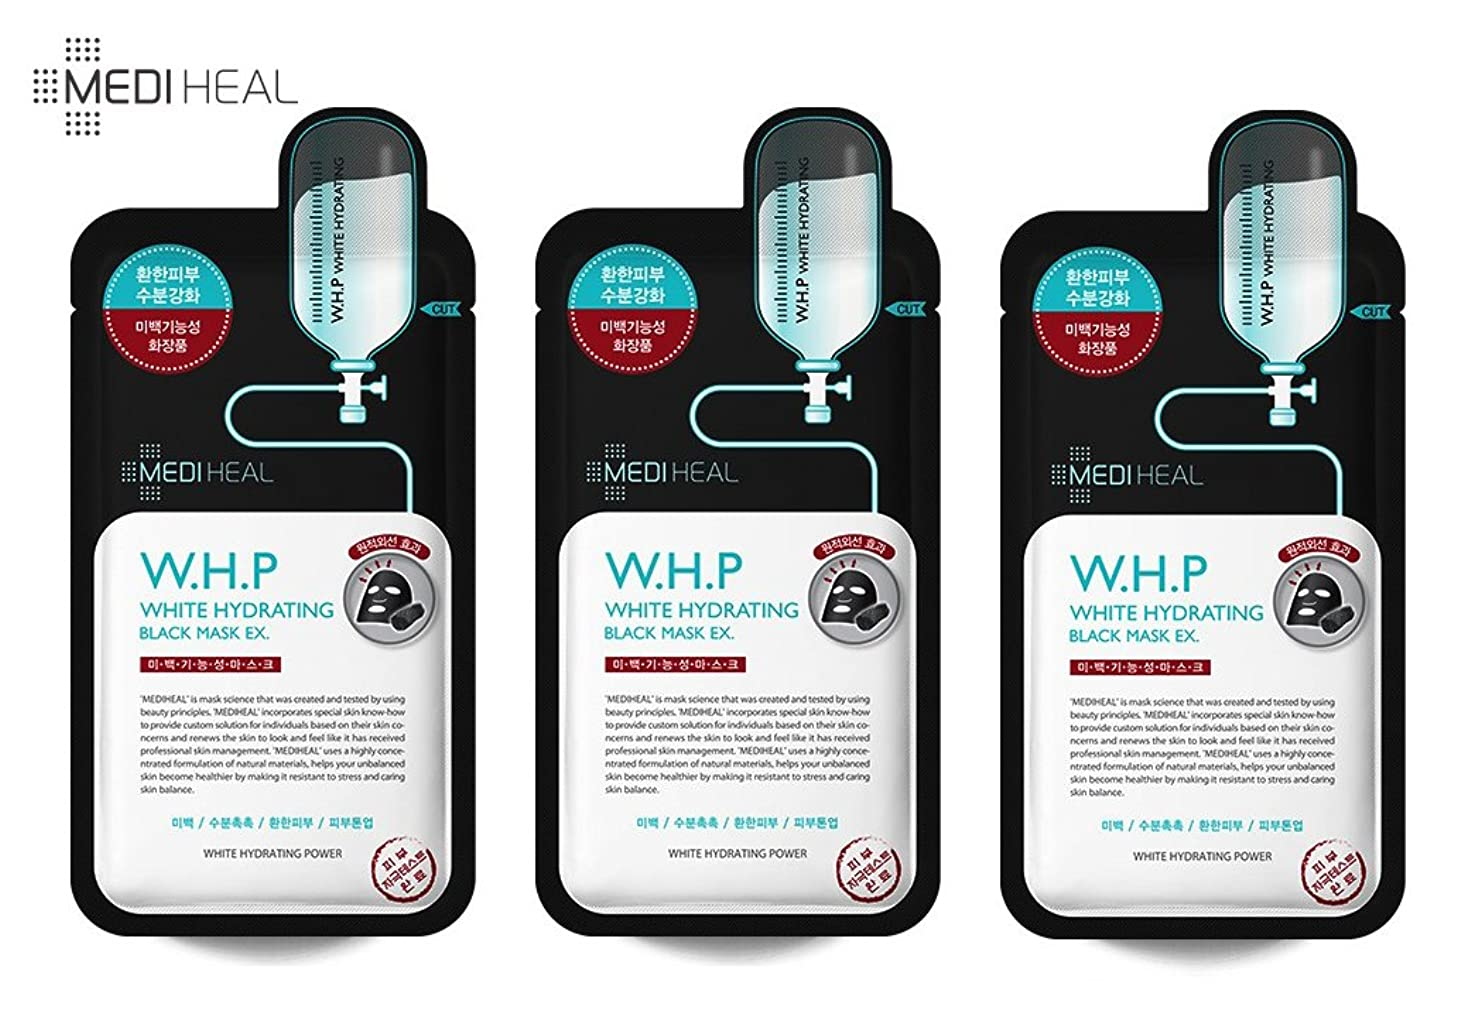 踏みつけ実際大腿[本物] メディヒール Mediheal W.H.P 美白水分 ミネラル 炭 マスクパック (10枚) [並行輸入品]